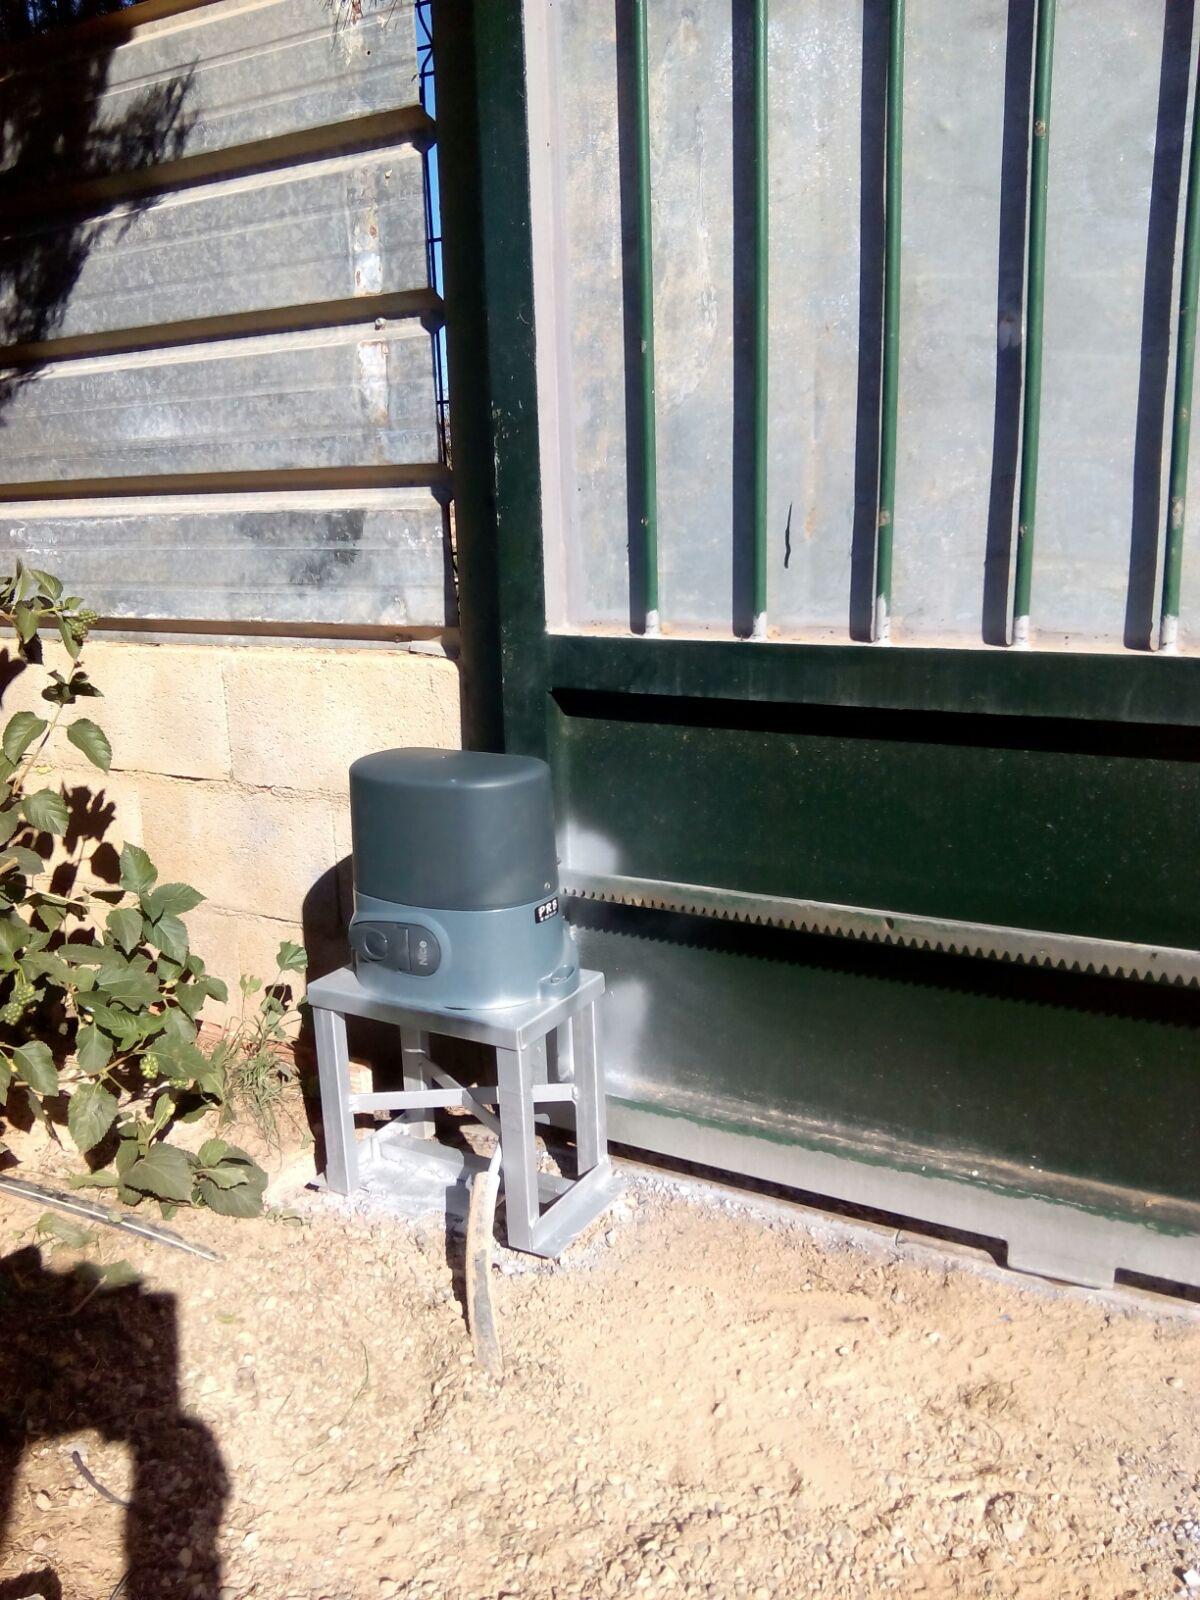 Automatismos prb pesa instalaci n motor puerta corredera modelo nice 500 kg en la zona la - Instalacion puerta corredera ...